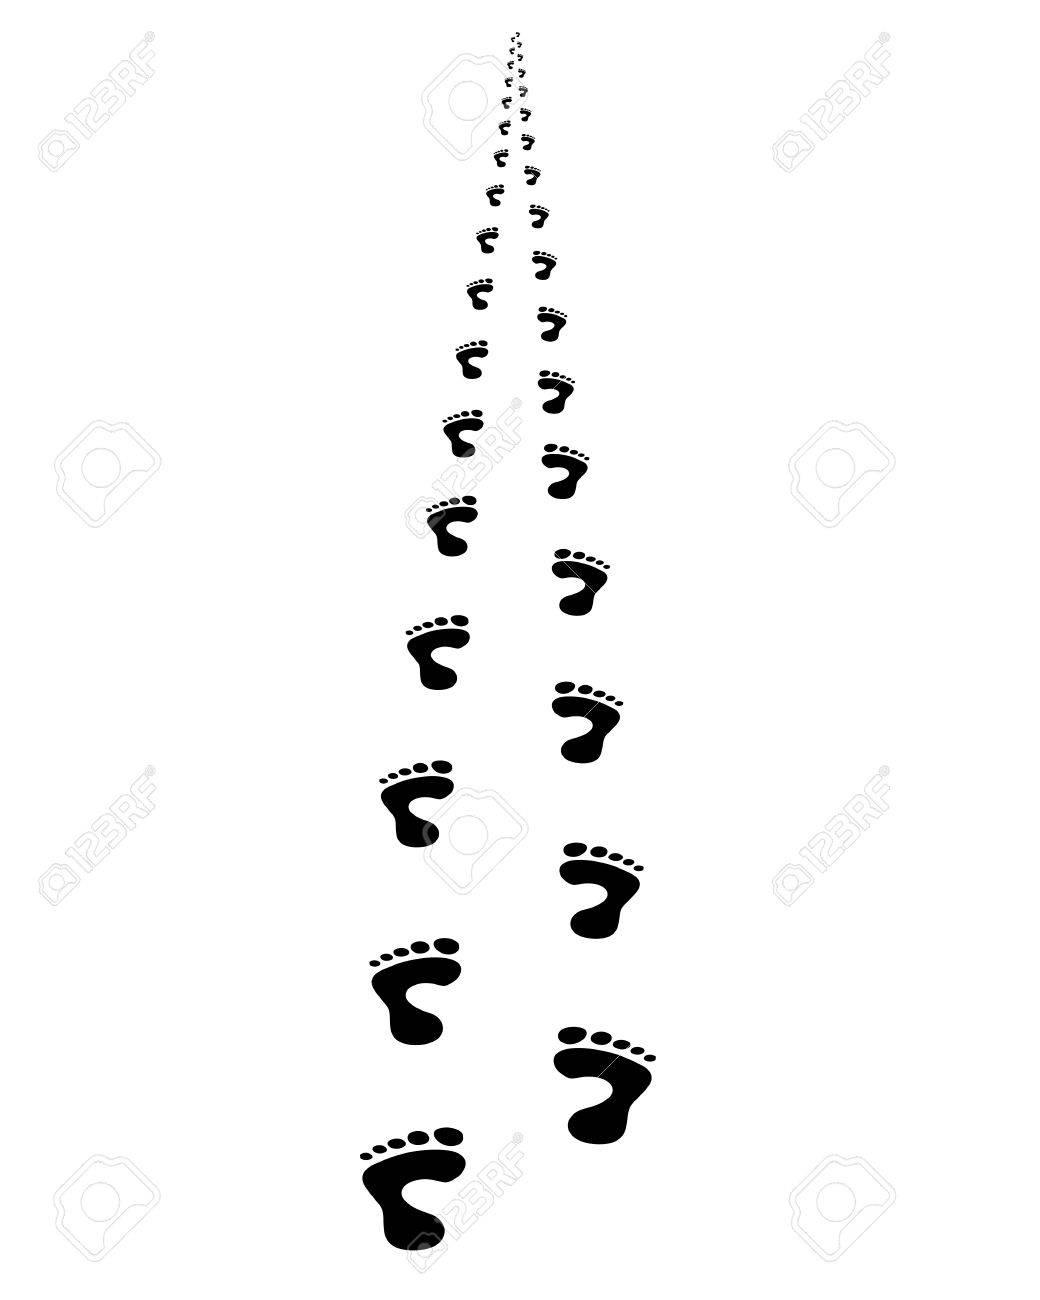 Foot prints walking away; in perspective Stock Vector - 17301583